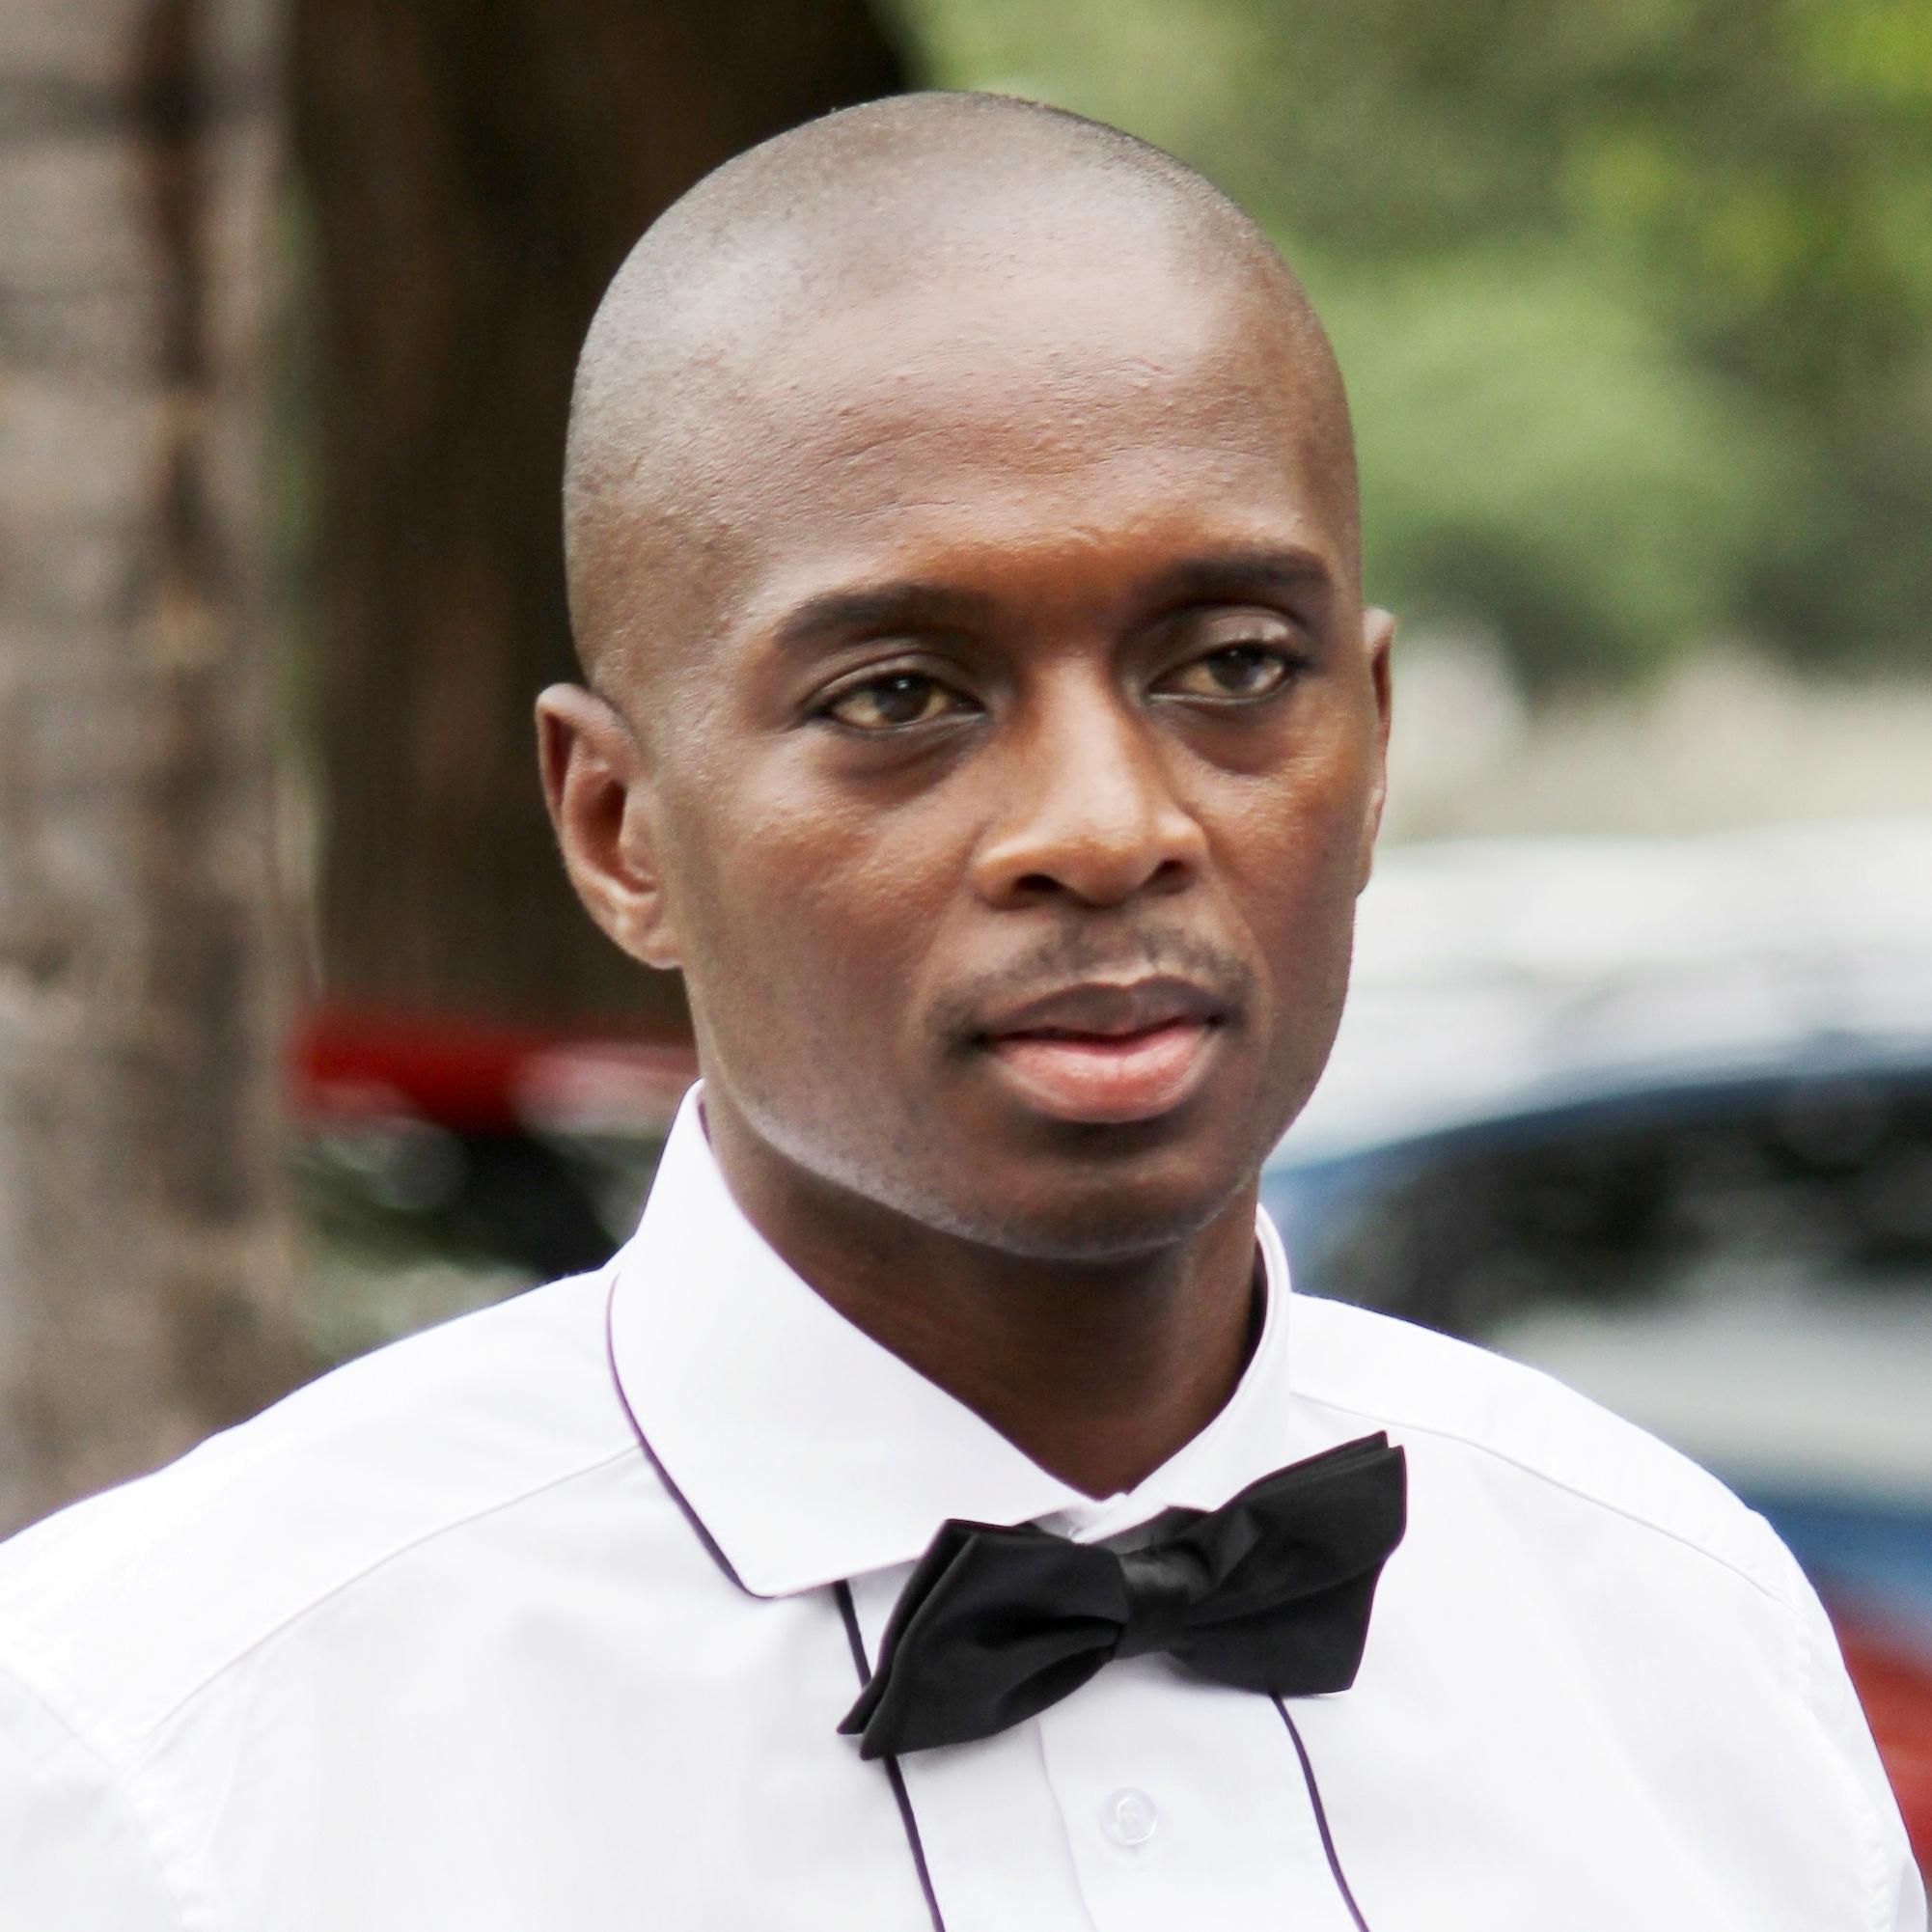 Tharelelo Mokgokong